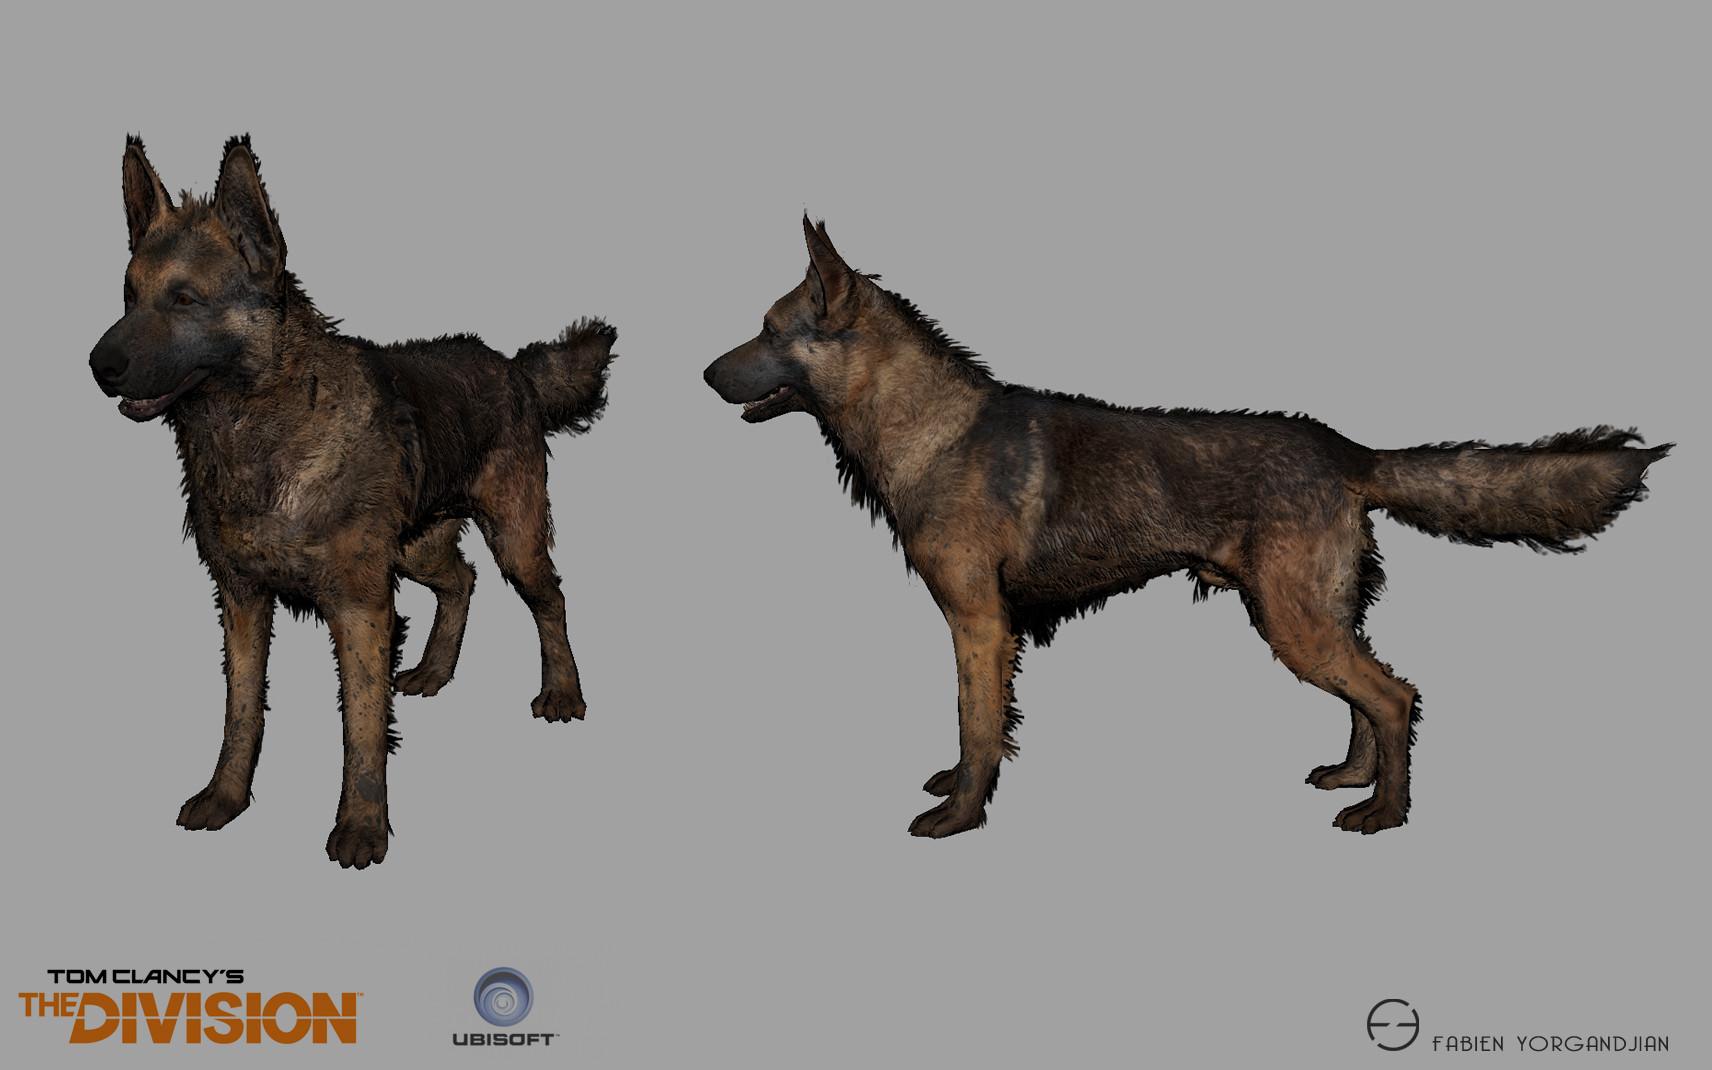 Fabien yorgandjian the division dog01 ingame